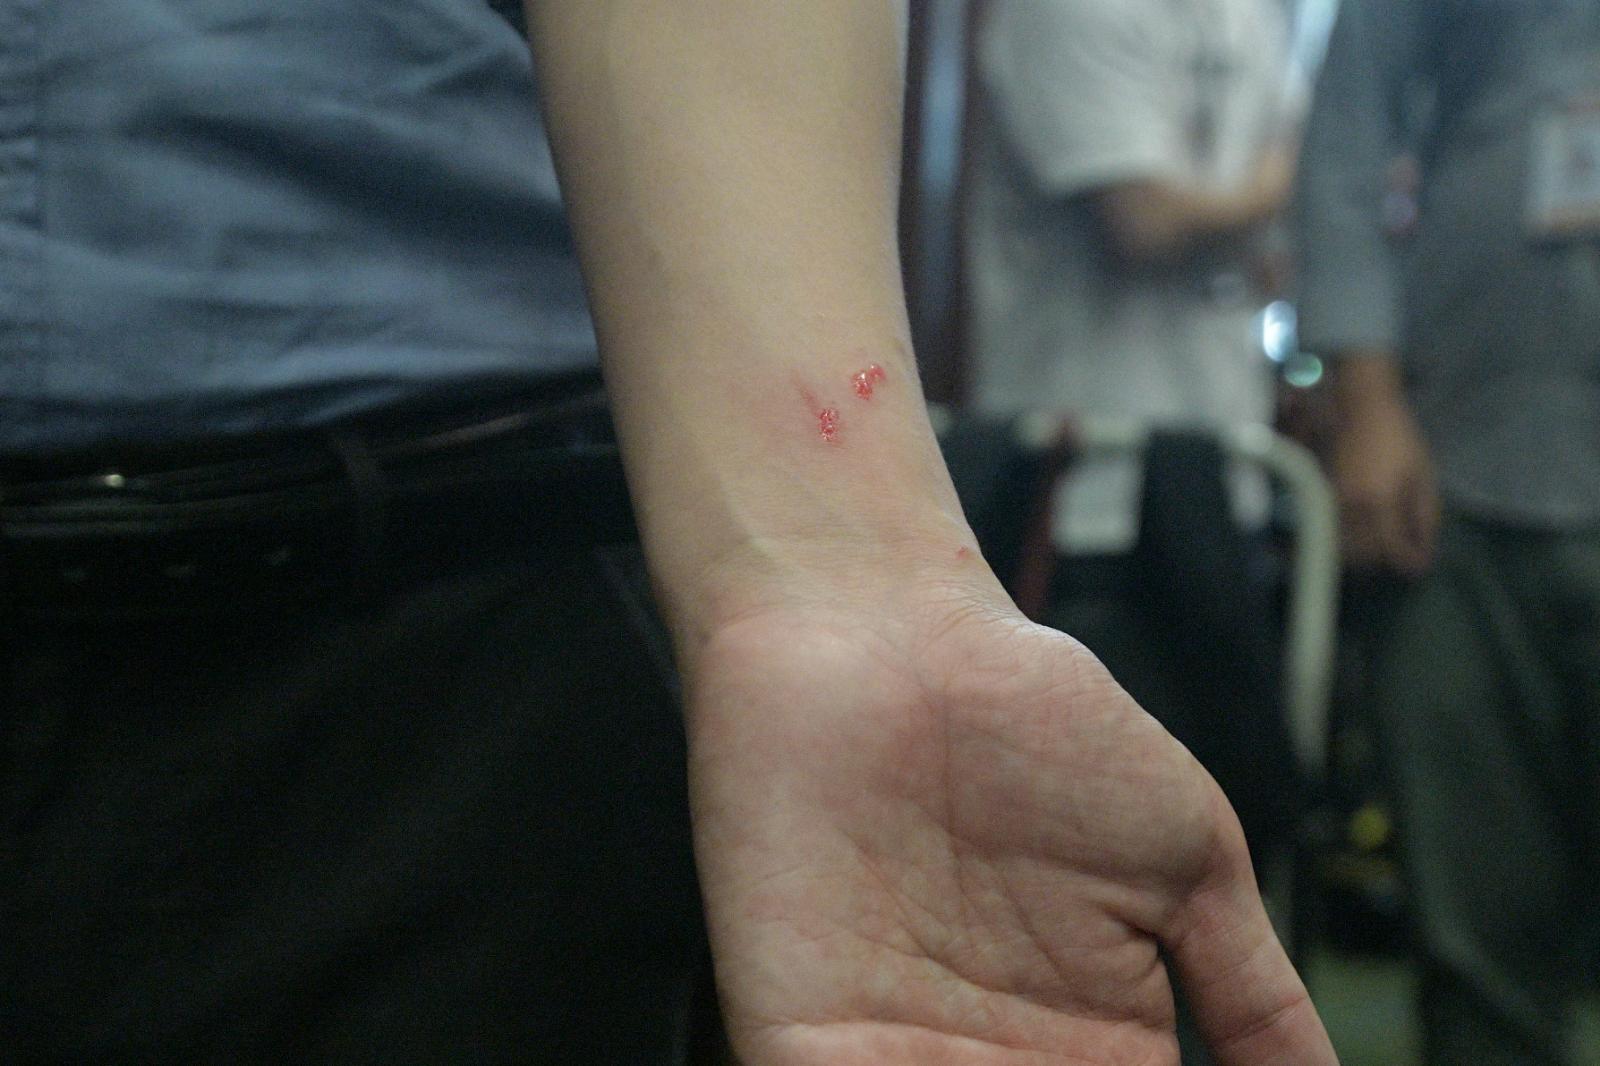 區諾軒稱被抓傷。